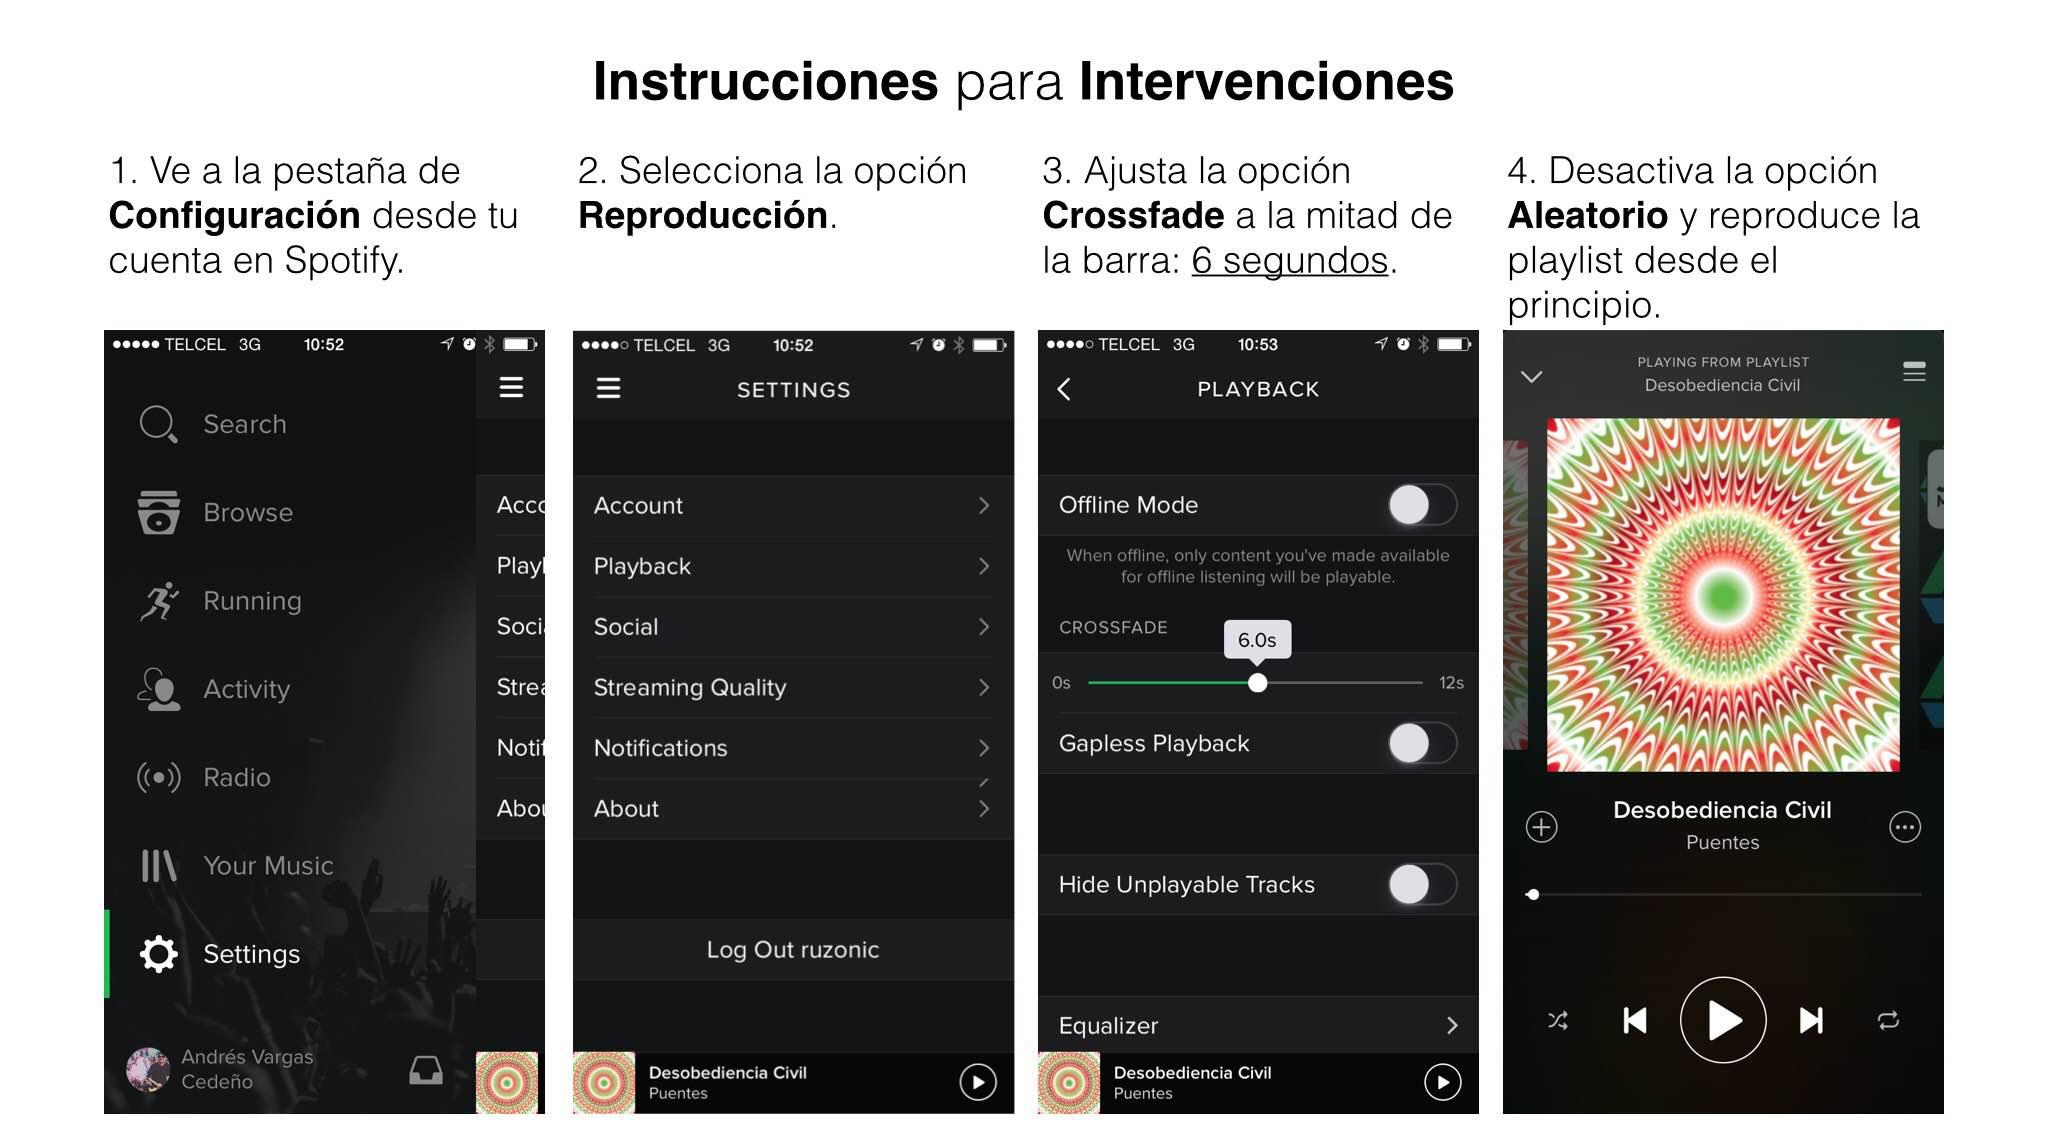 Spotify invita a un acto de Desobediencia Civil ¡Conócelo! - Desobediencia-Civil-Spotify